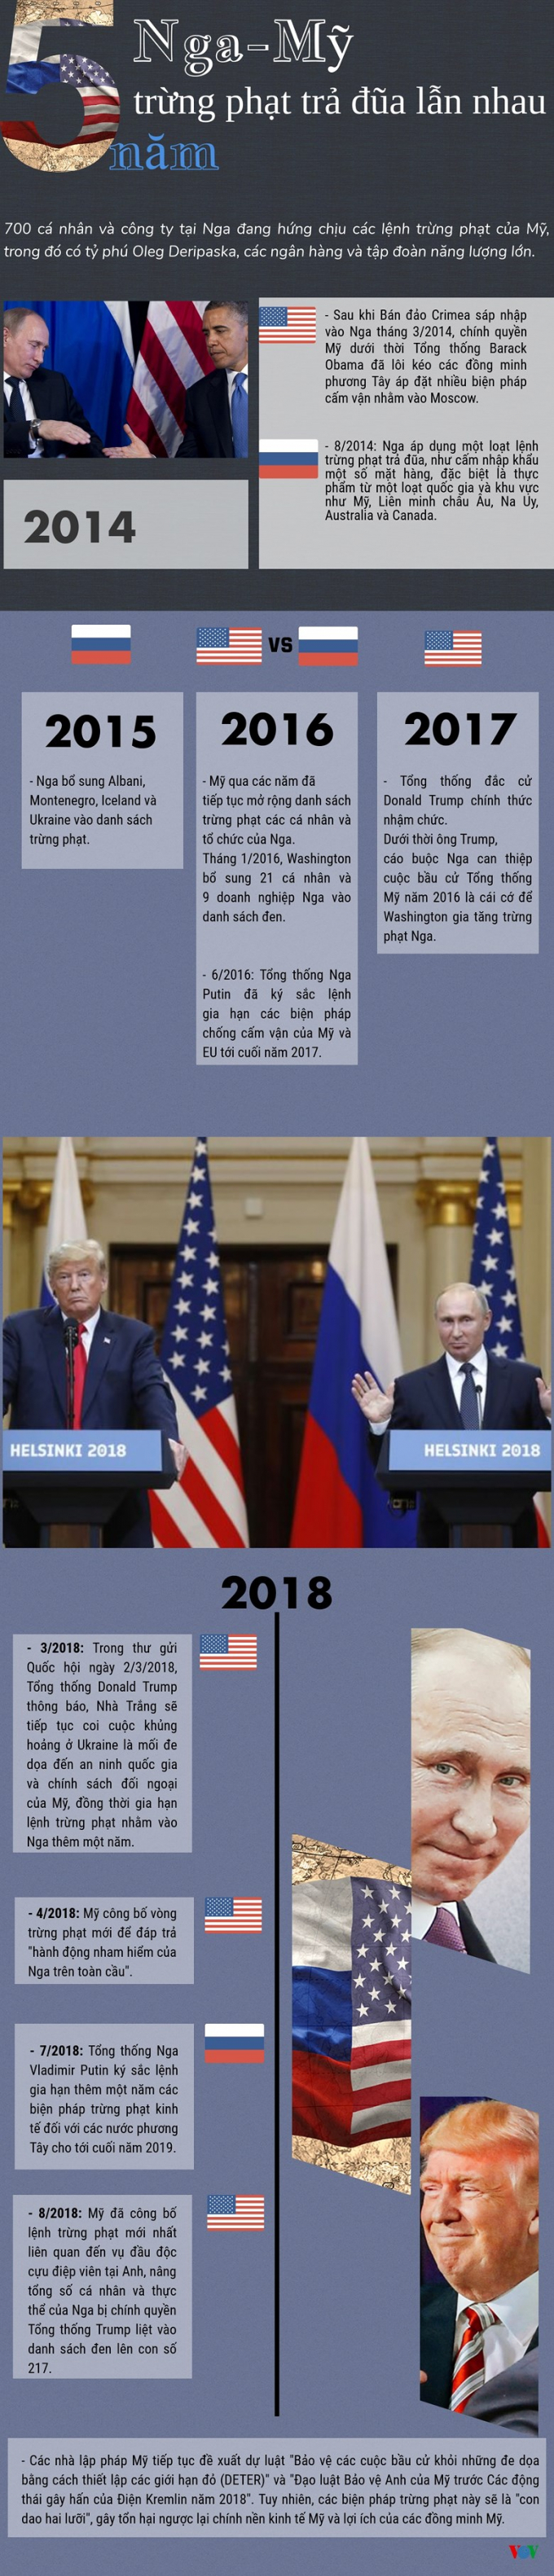 Infographic: 5 năm Nga-Mỹ trừng phạt trả đũa lẫn nhau